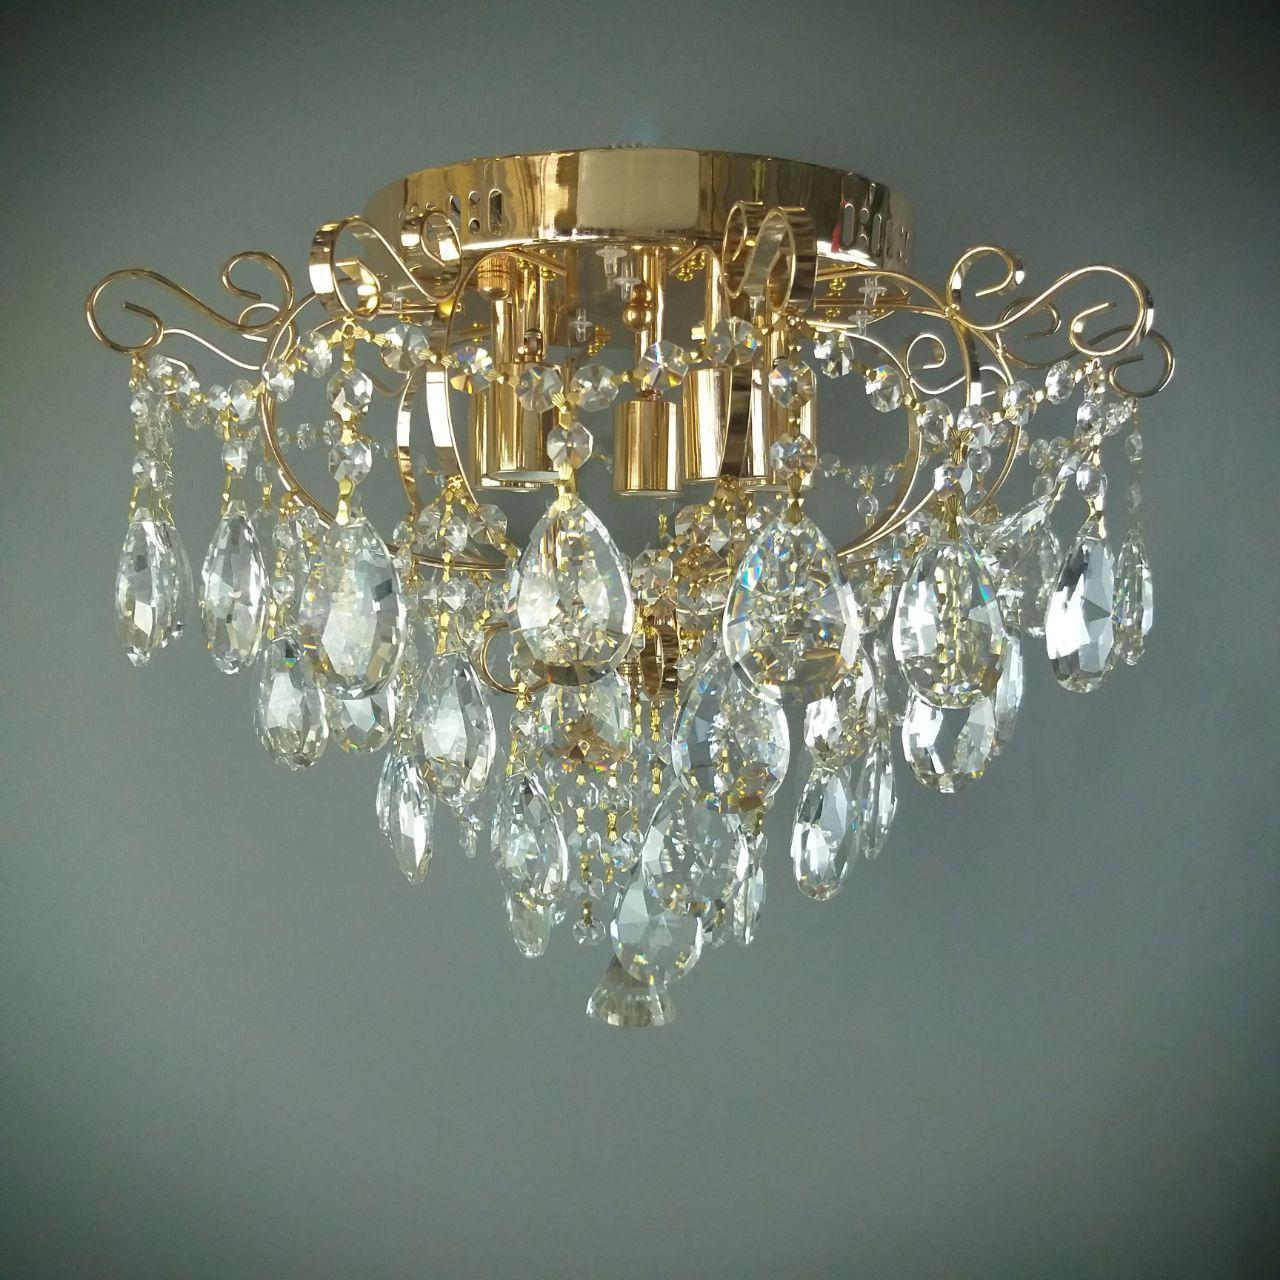 Люстра кришталева класична на 5 лампи 14-67075/5 LED FGD